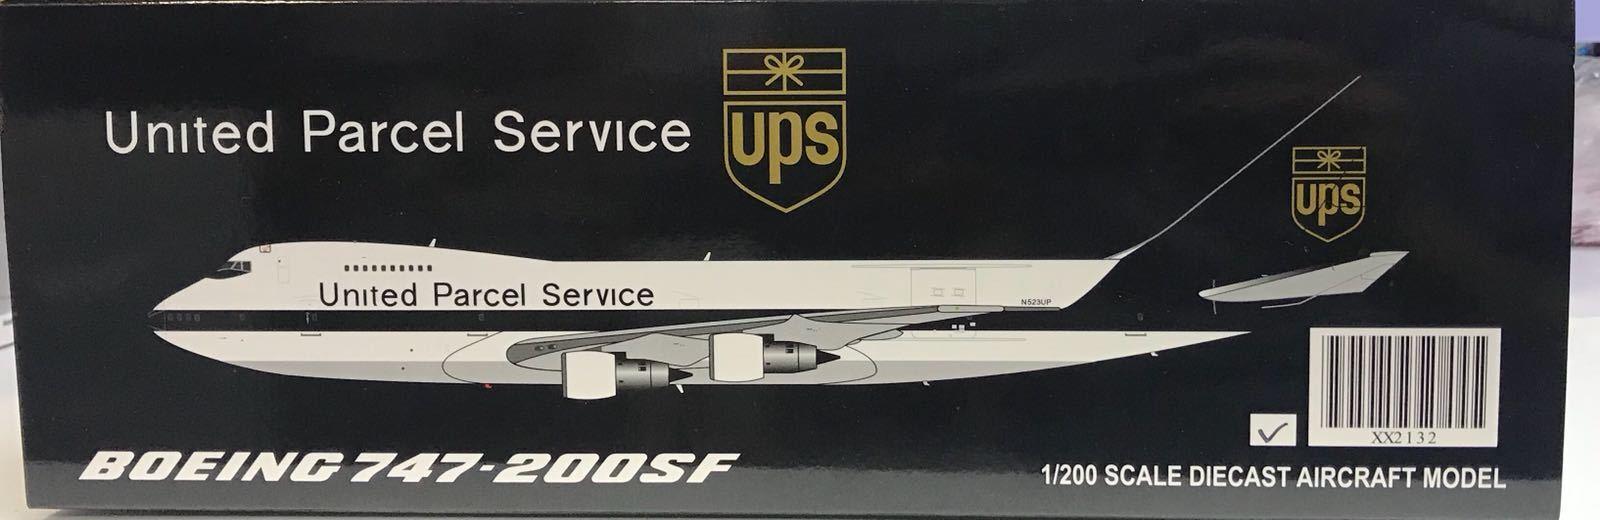 JC Wings XX2132, UPS Boeing 747-200SF N523UP, 1 200